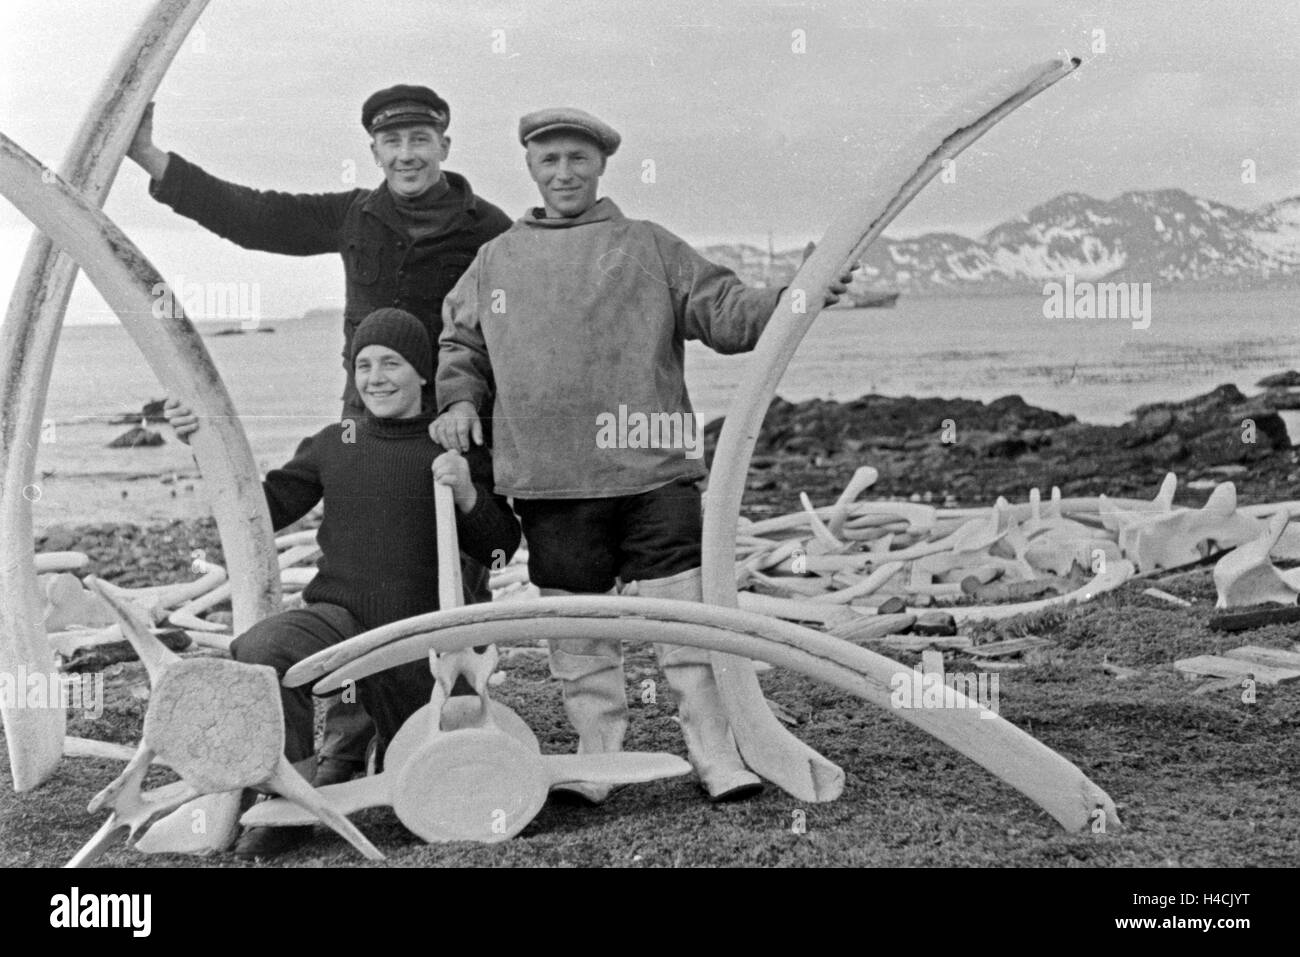 Drei Männer der Besatzung des Walfangfabrikschiffs 'Jan Wellem' mit Walfischknochen am Ufer der Insel - Stock Image